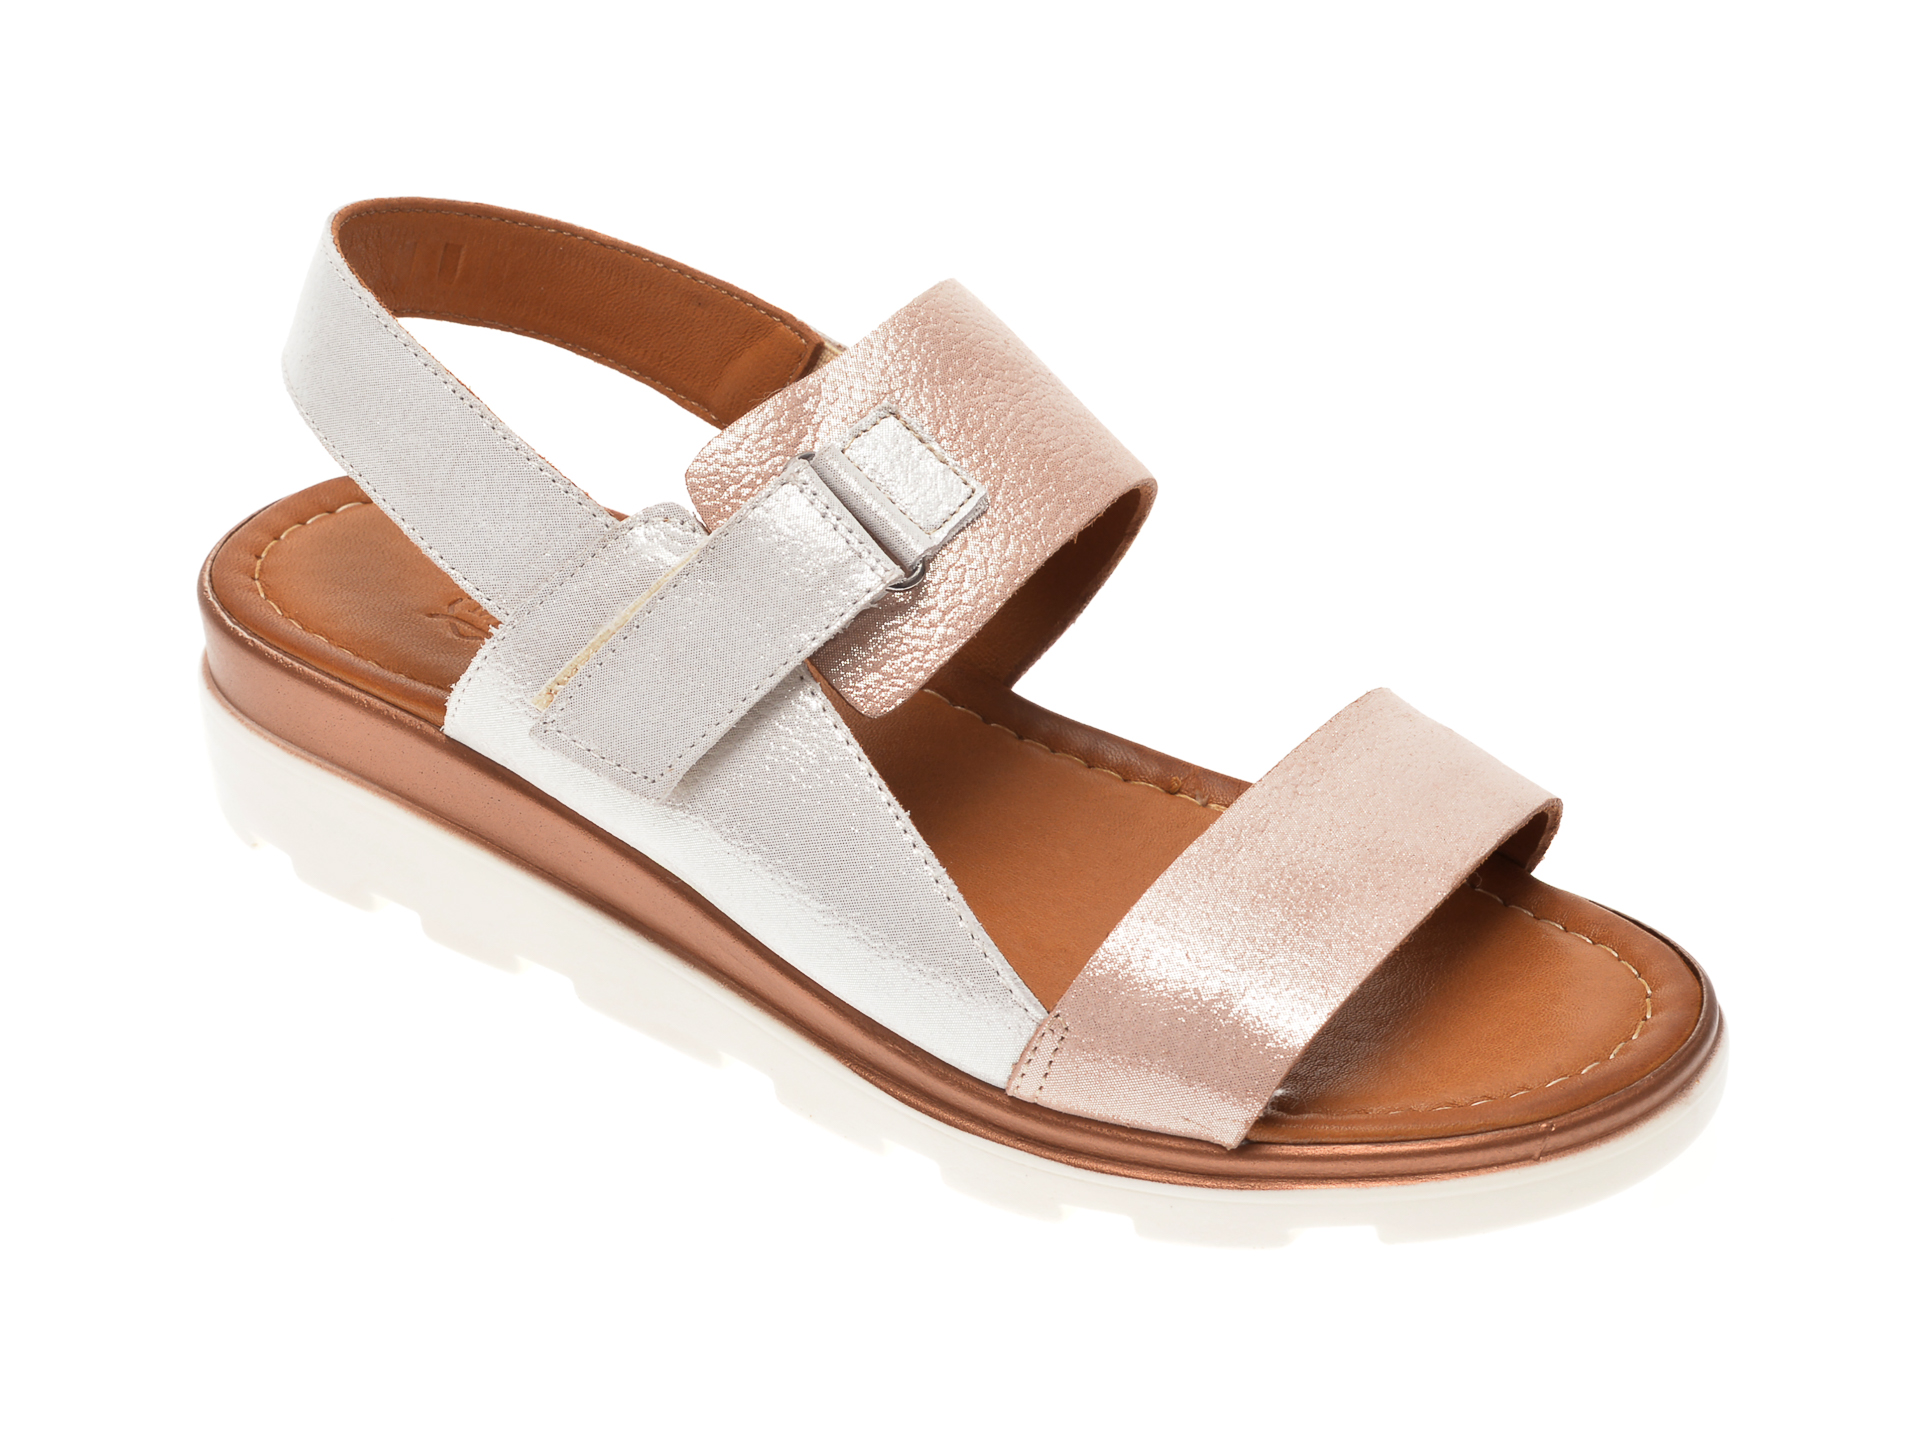 Sandale MISS LIZA aurii, 1182050, din piele naturala